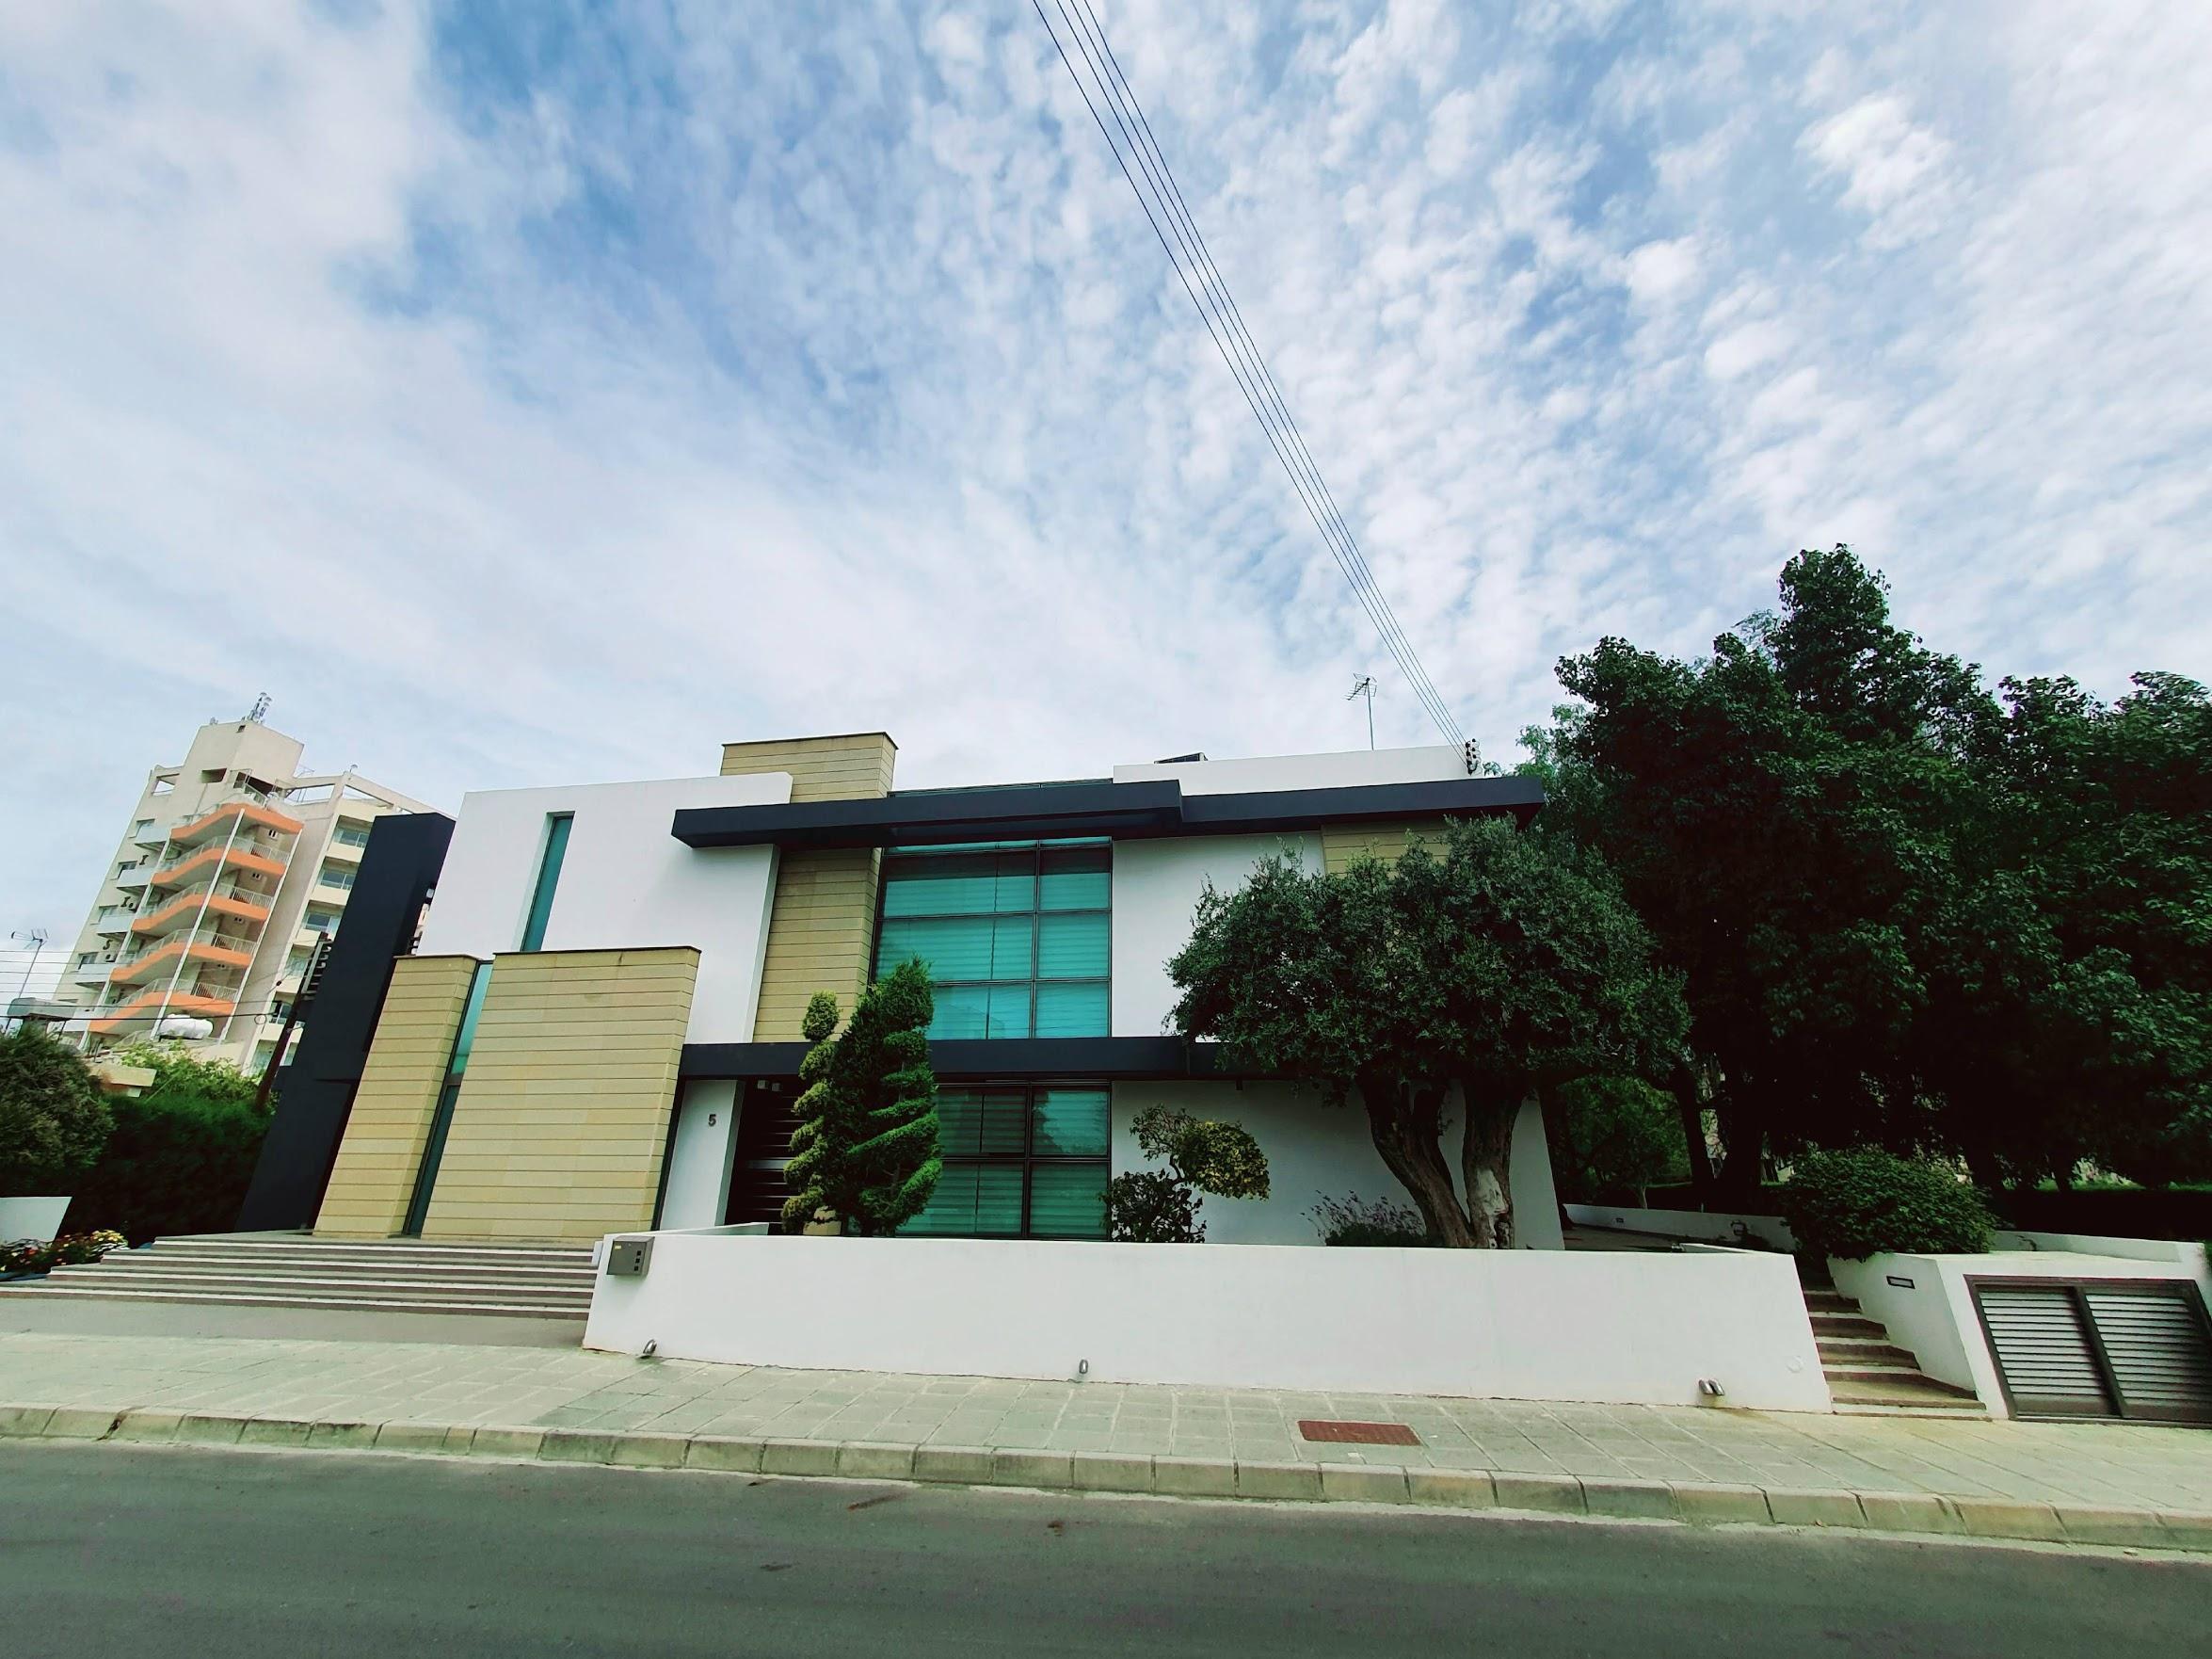 Краткосрочная аренда недвижимости на Кипре